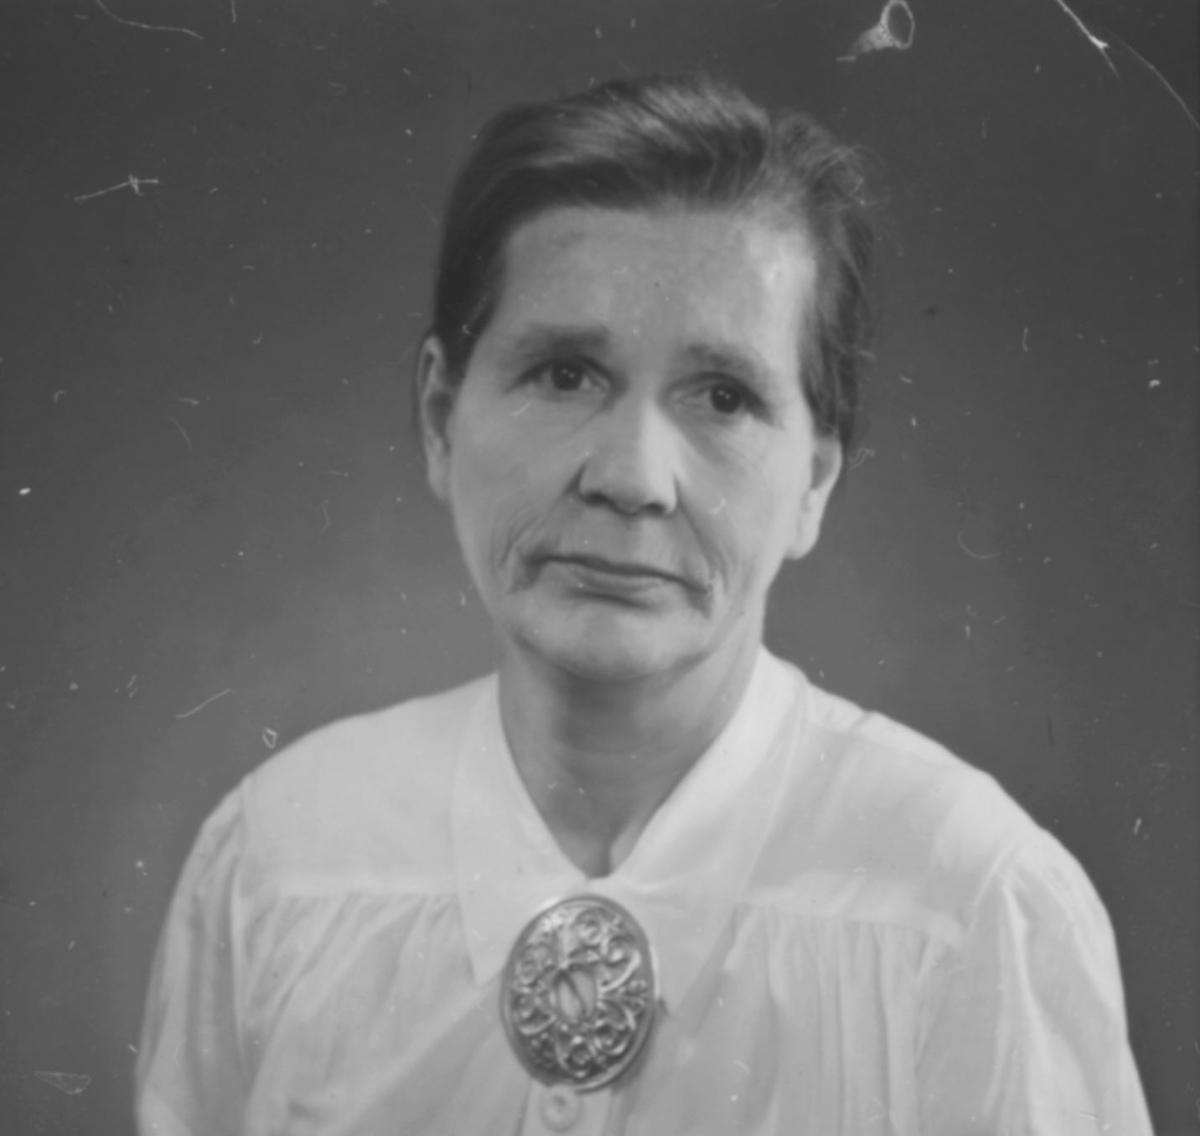 """""""Junttu-Anna, kona til """"Junttu"""". står det bak bildet. Anna blev kalt for Adolf-Anna, fordi hun var gift med Adolf Johansen. Adolf var sønn til Johan Jakob Danielsen som også var kalt for Tanelin-Junttu eller bare Junttu. Anna var opprinnelig fra Masjok og var søster til Emanuel Johansen. (Informant Thormod Holti)"""